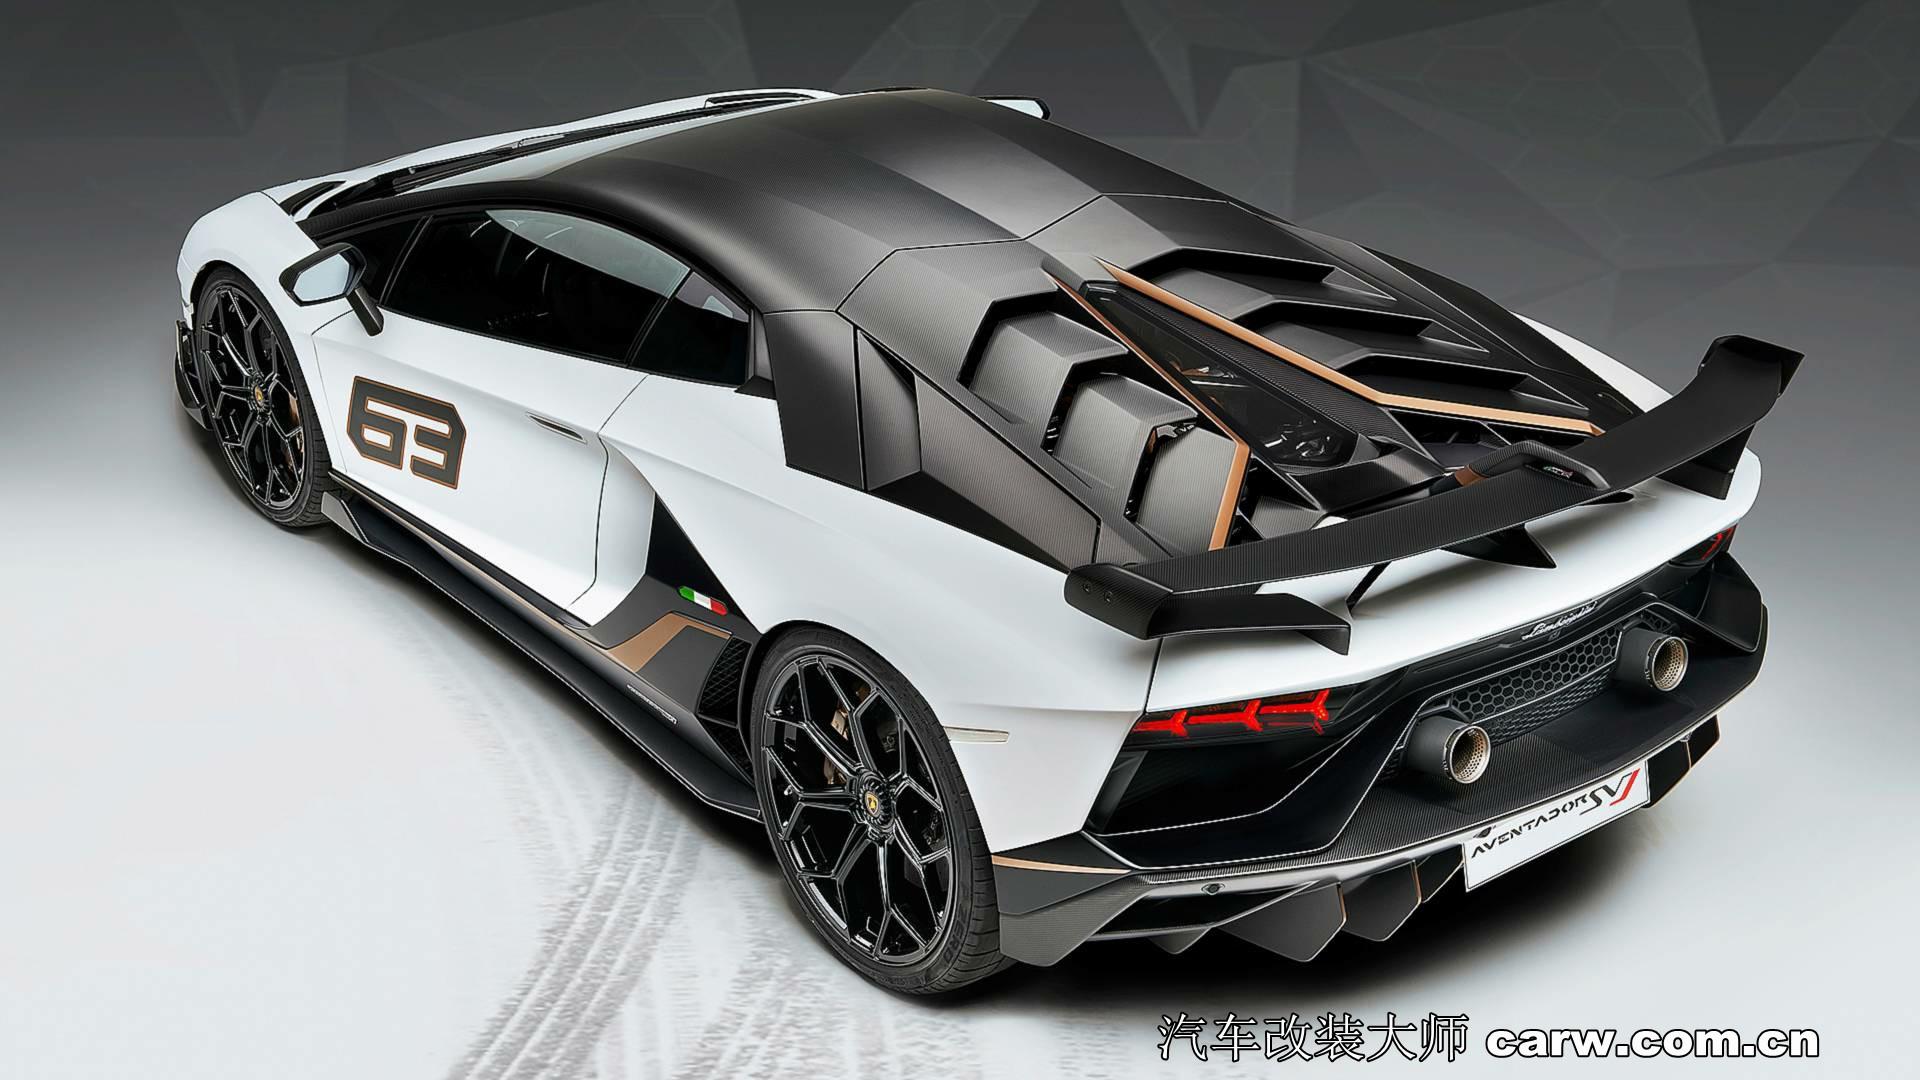 兰博基尼Aventador SVJ地狱魔头|汽车改装大师